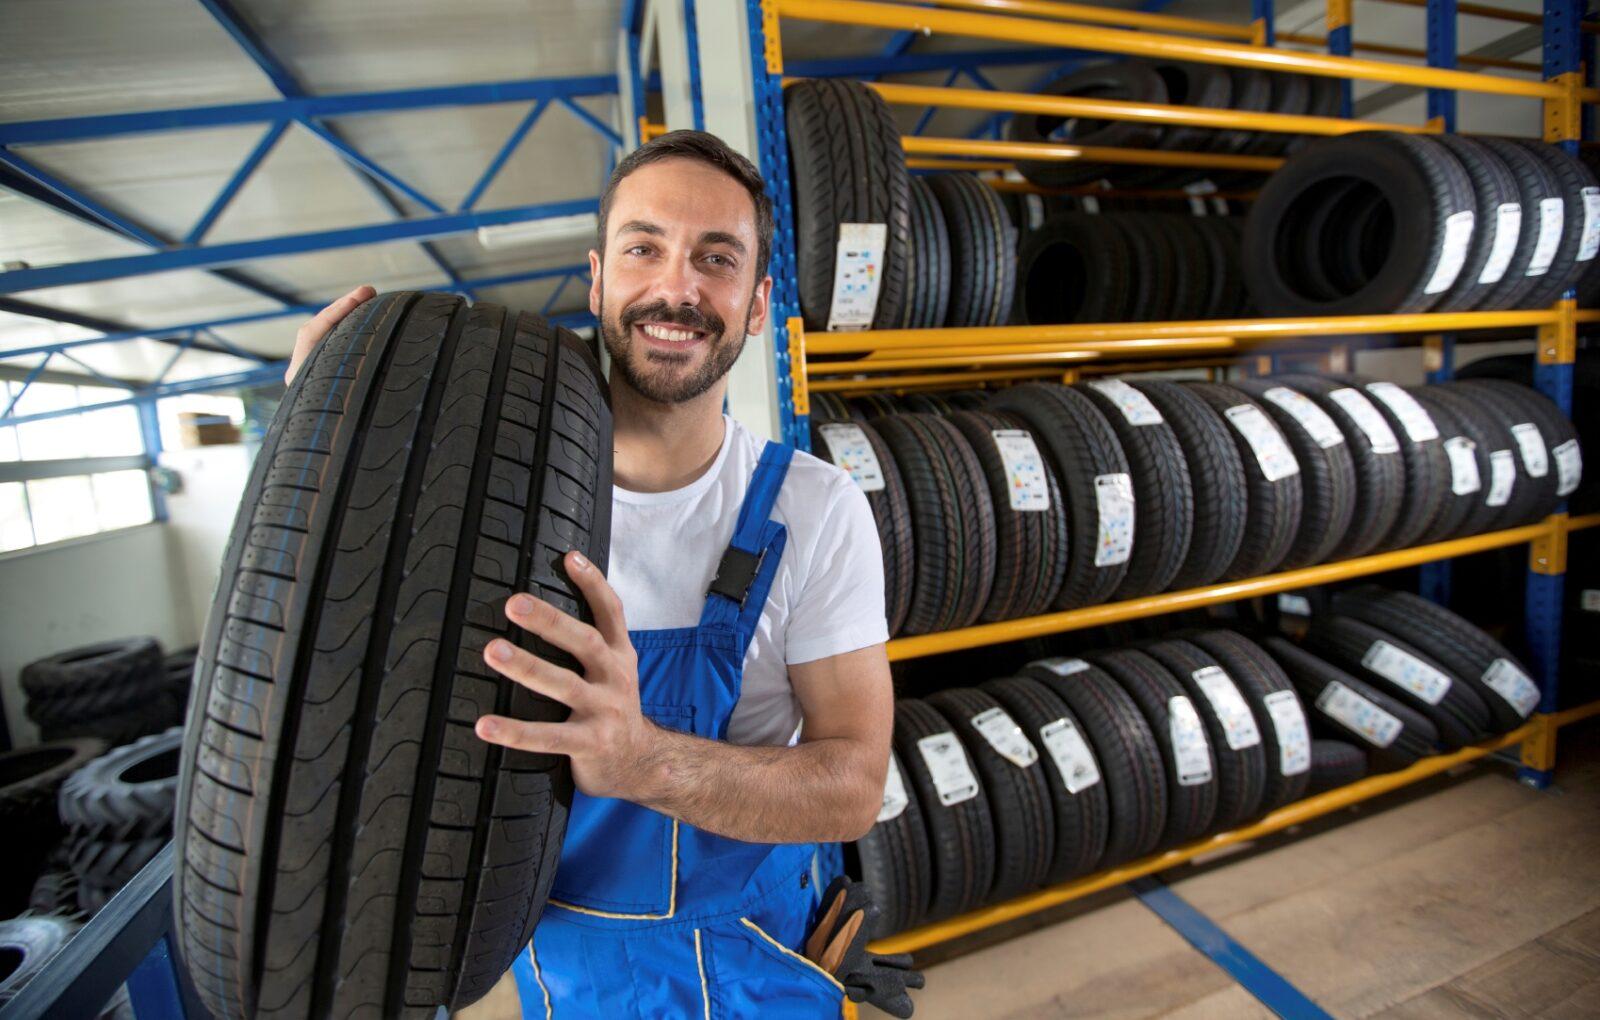 Сезонное хранение шин в Москве лучшая цена от фирмы Professional24. Звоните и убедитесь в этом сами!